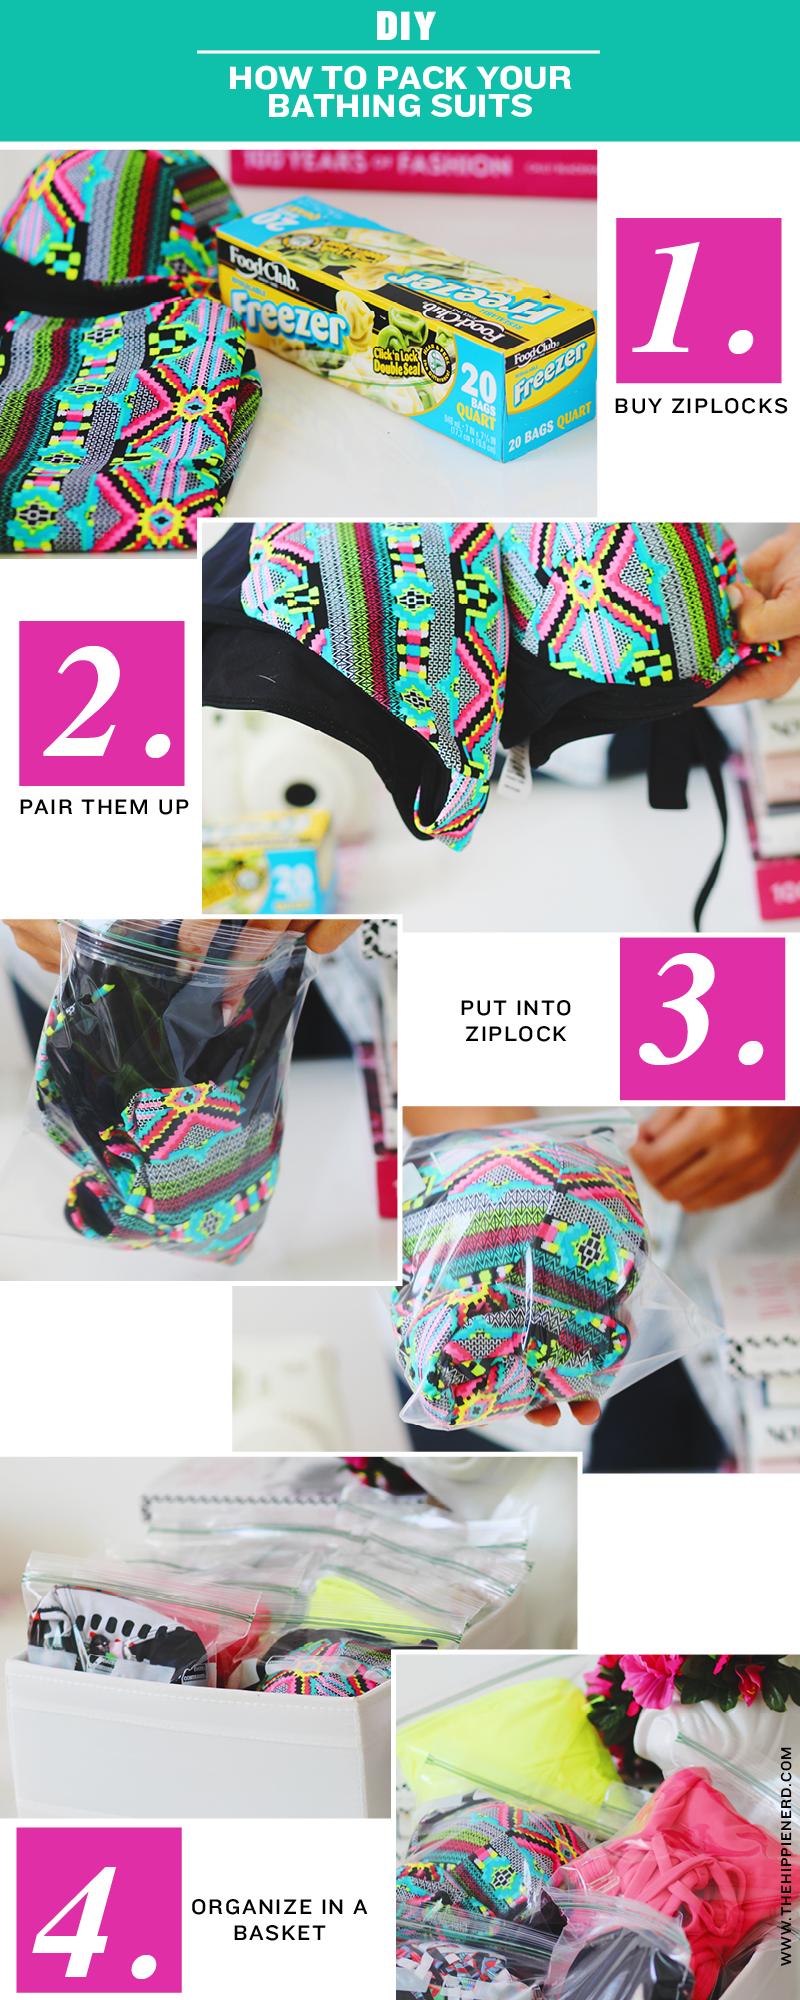 diy-how-to-pack-bathingsuits-